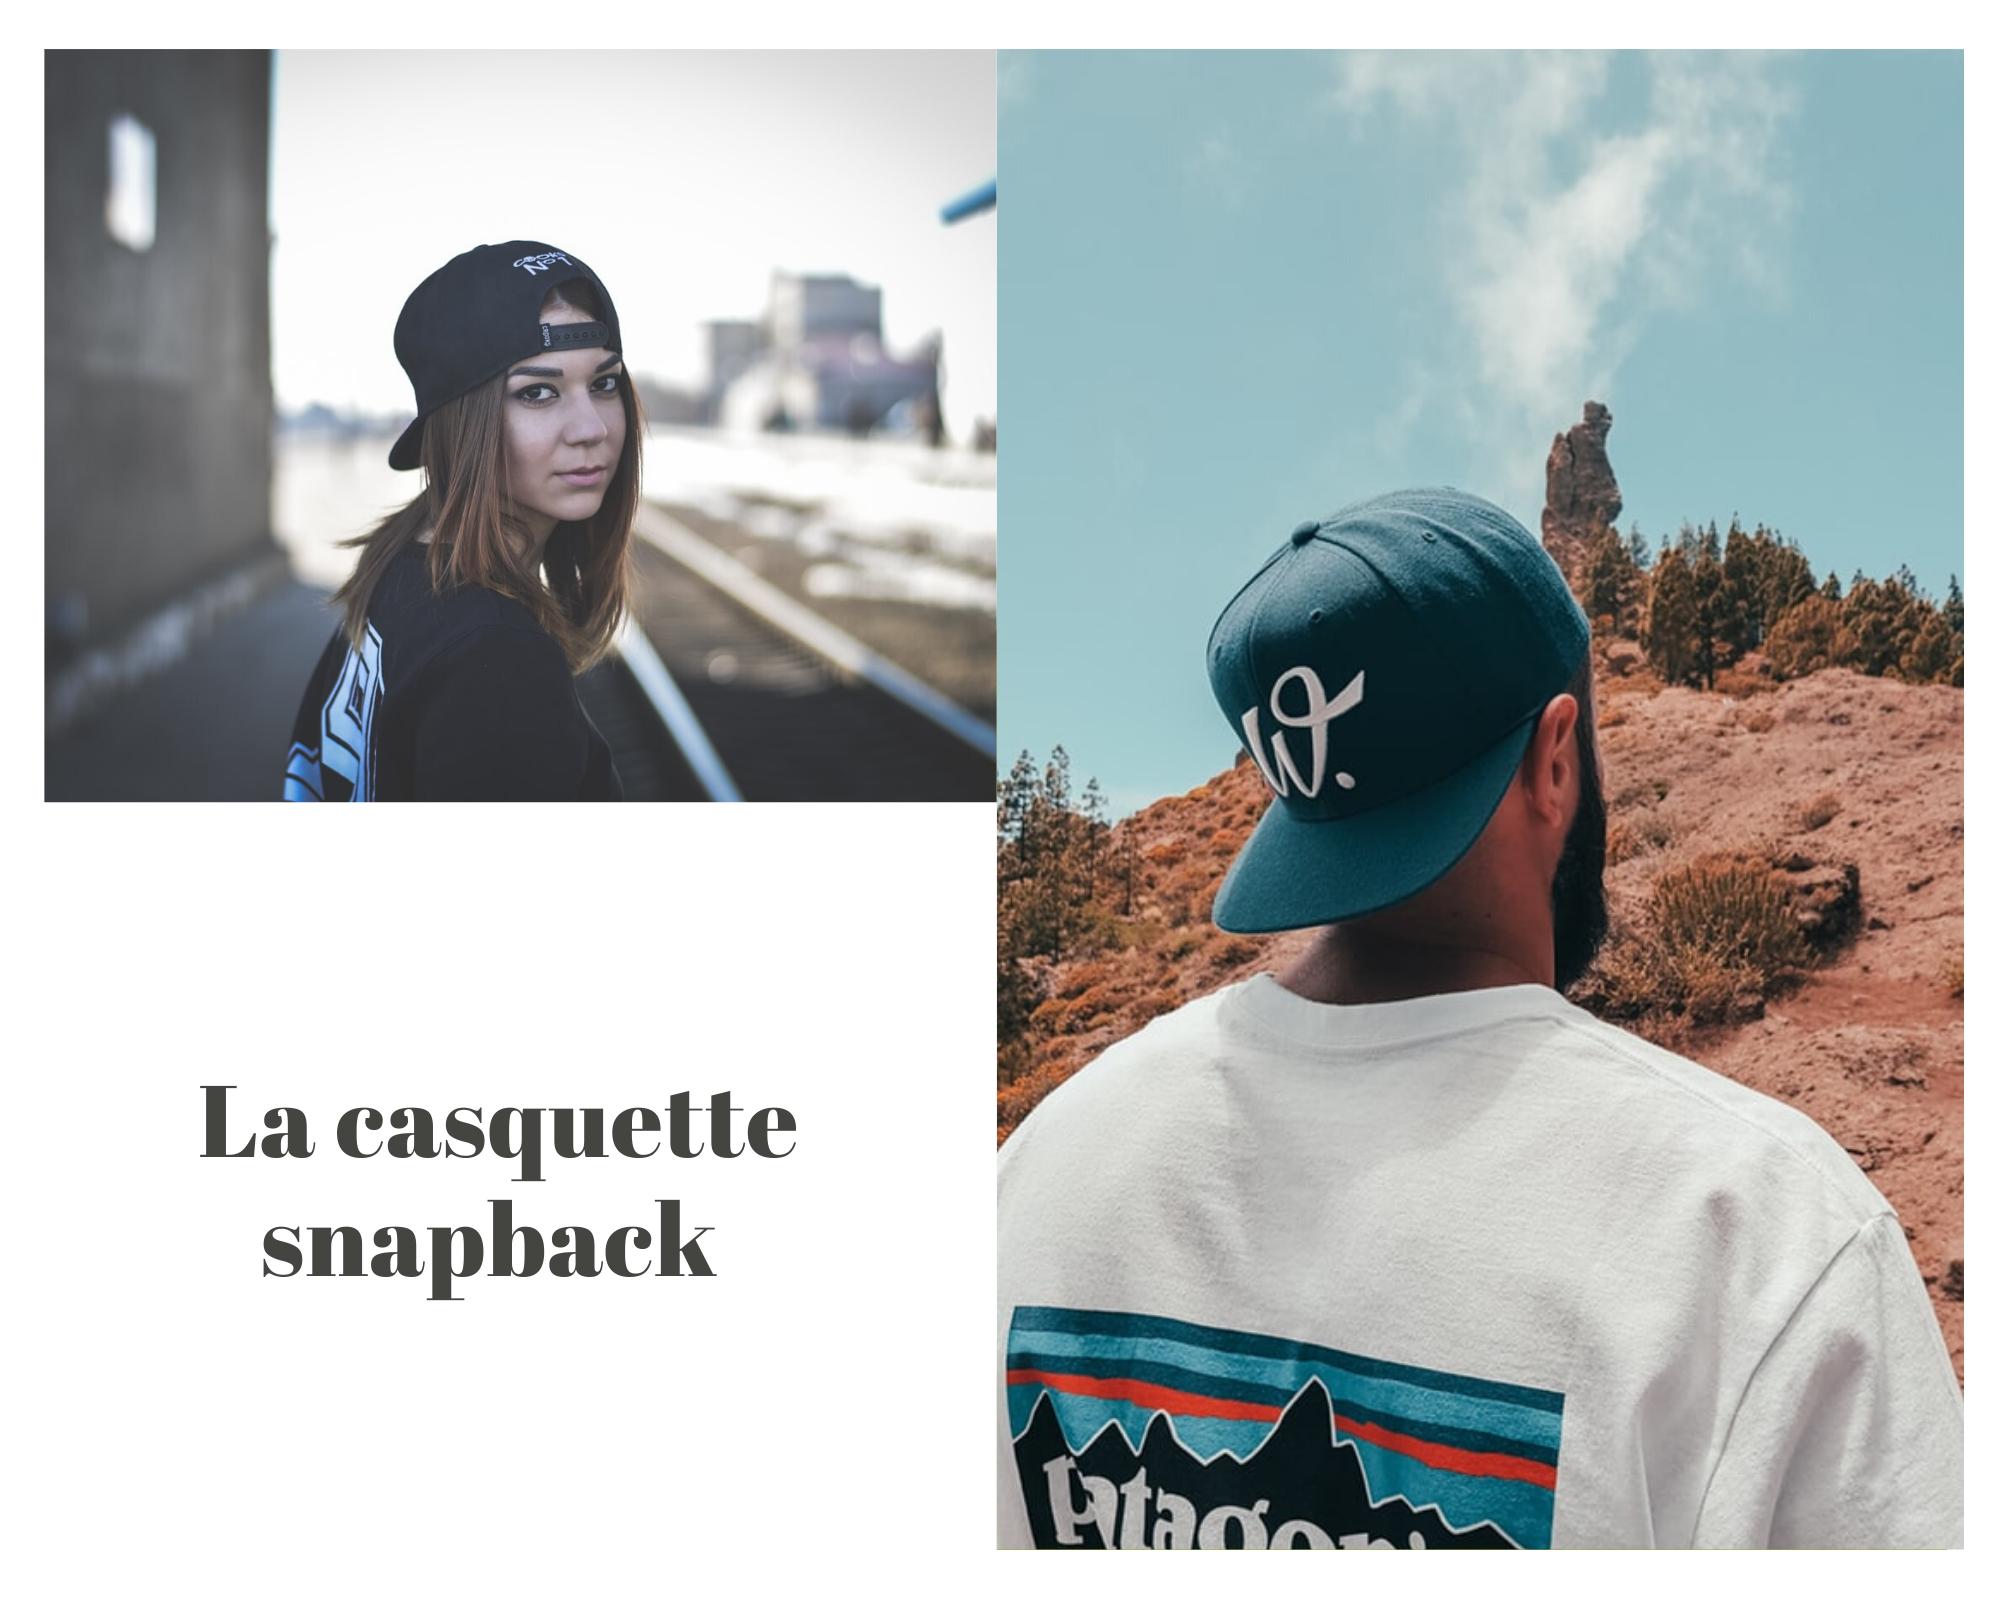 La casquette Snapback